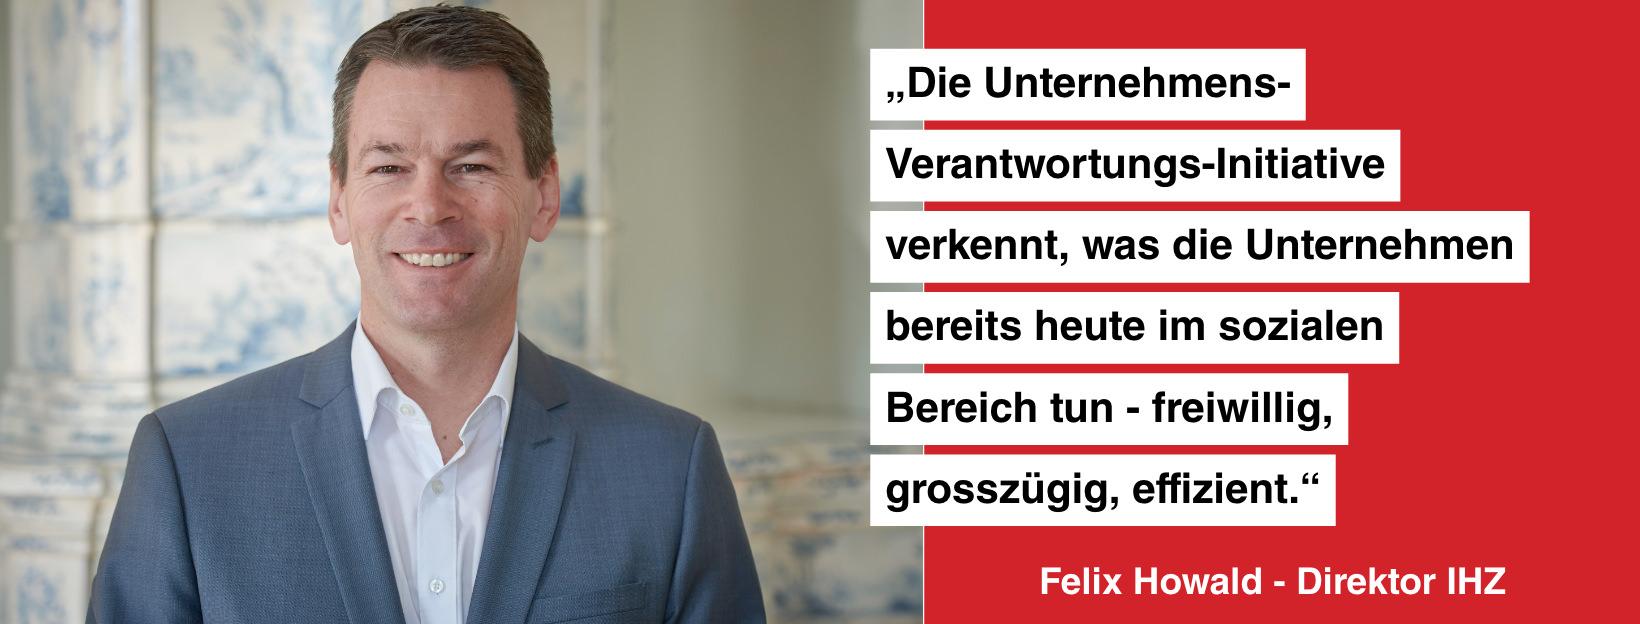 Statement von Felix Howald, Direktor des IHZ.